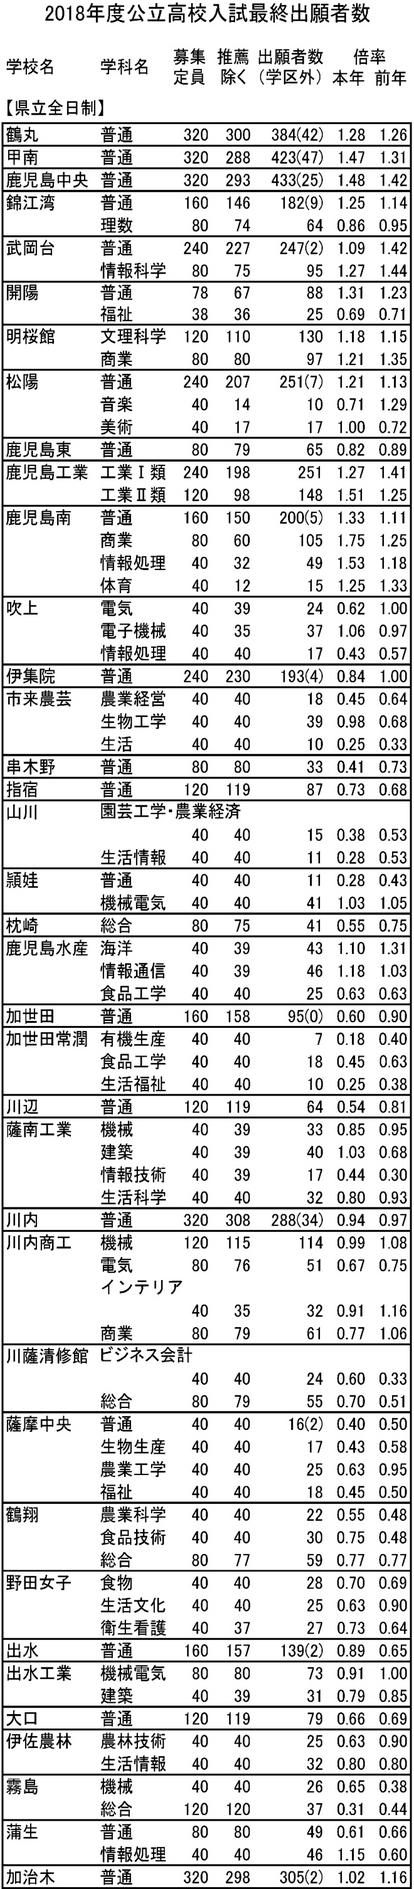 静岡 県 高校 入試 2021 倍率